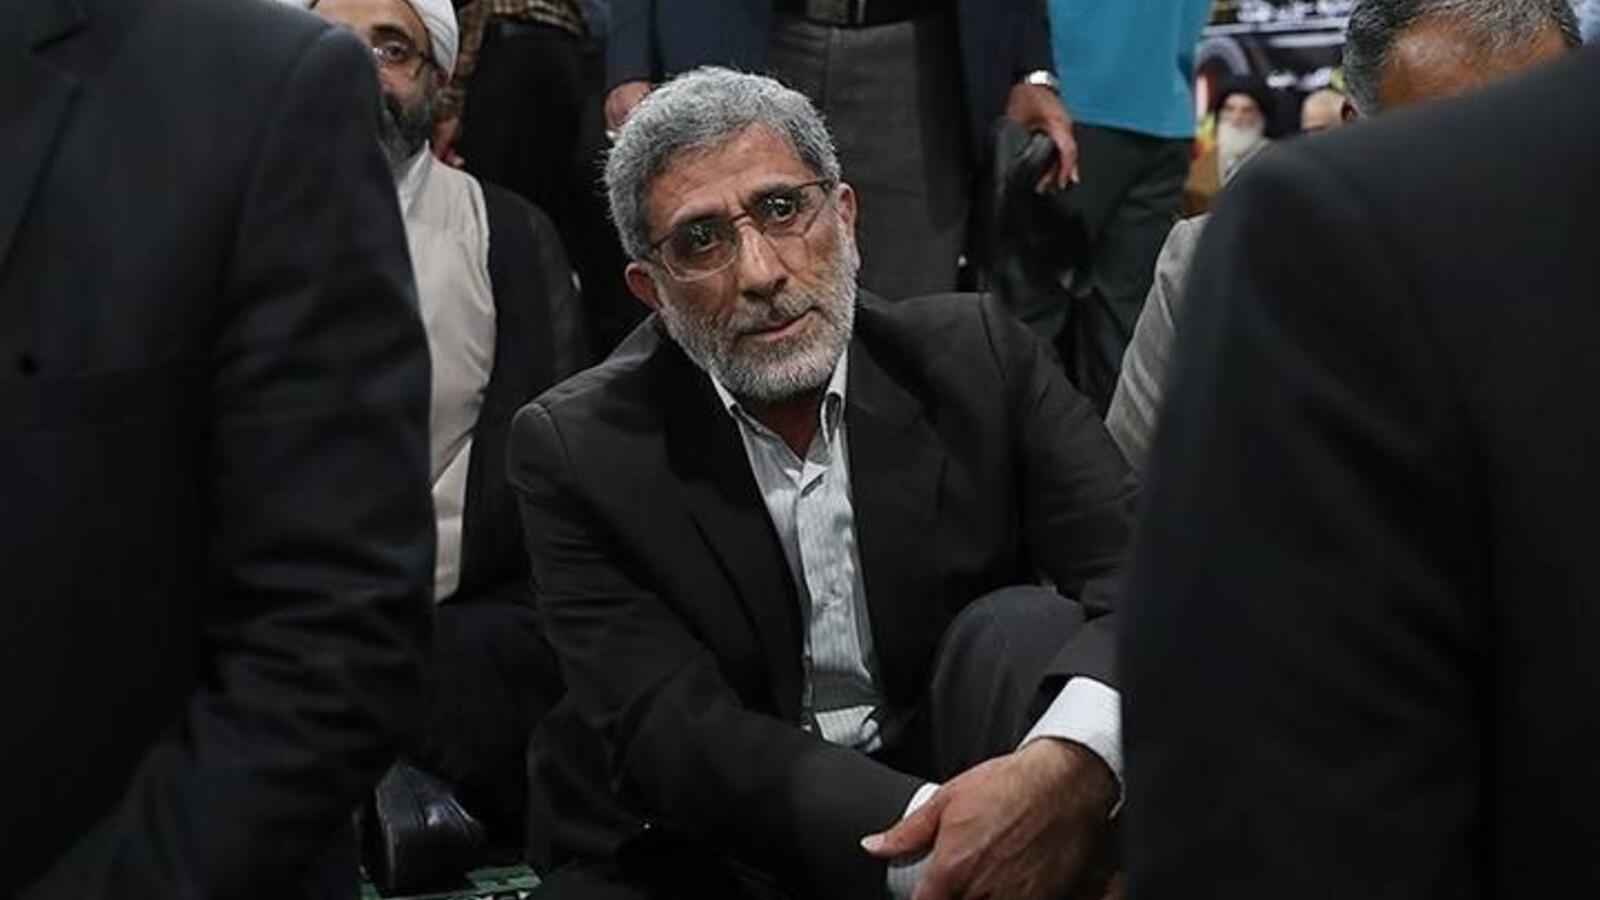 خبير استراتيجي: قاآني تدخل لفرض ارادة ايران في اختيار مرشح للحكومة العراقية